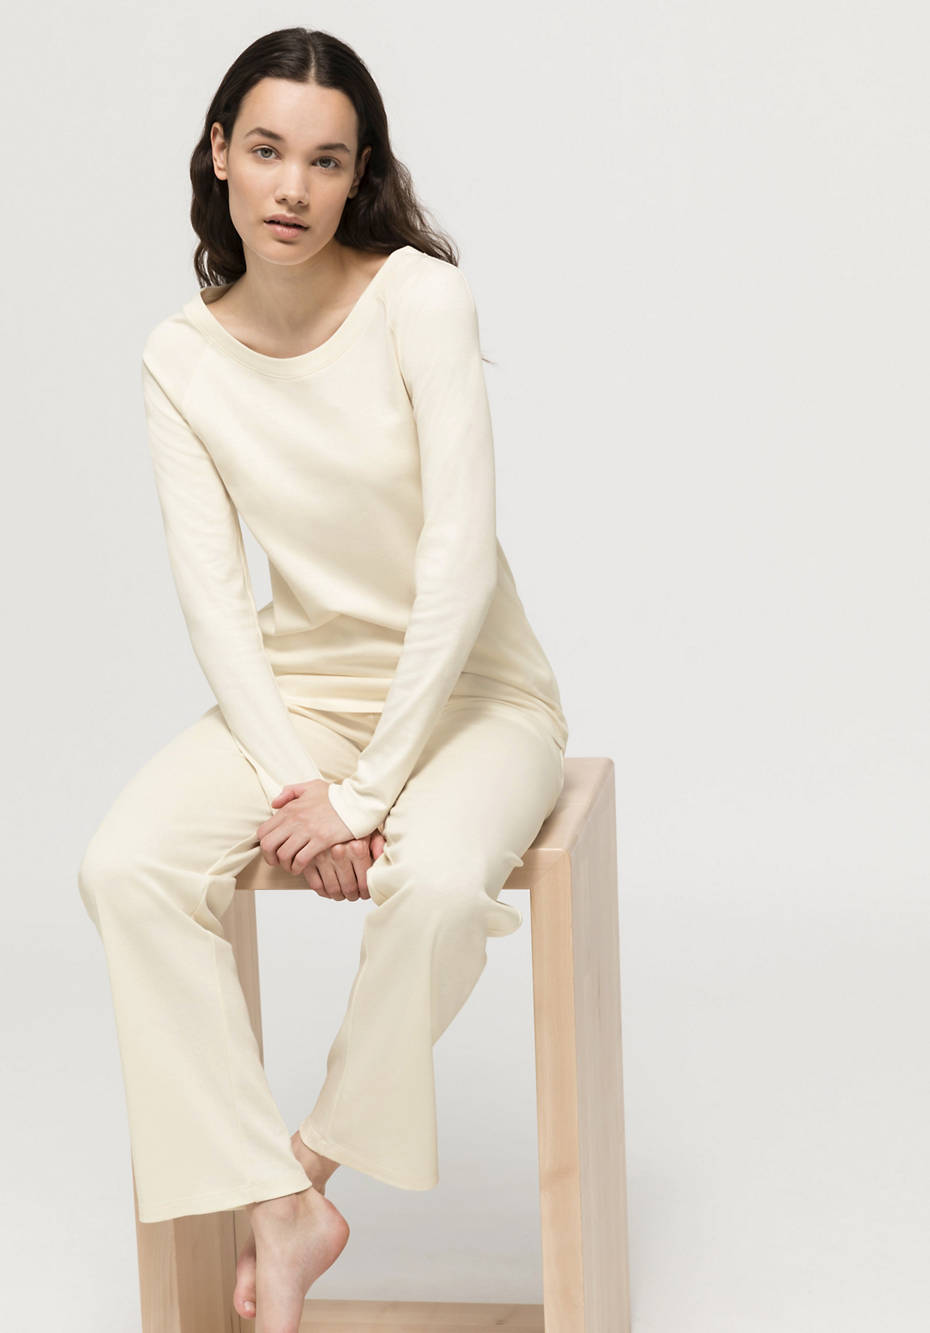 Schlafshirt ModernNATURE aus reiner Bio-Baumwolle